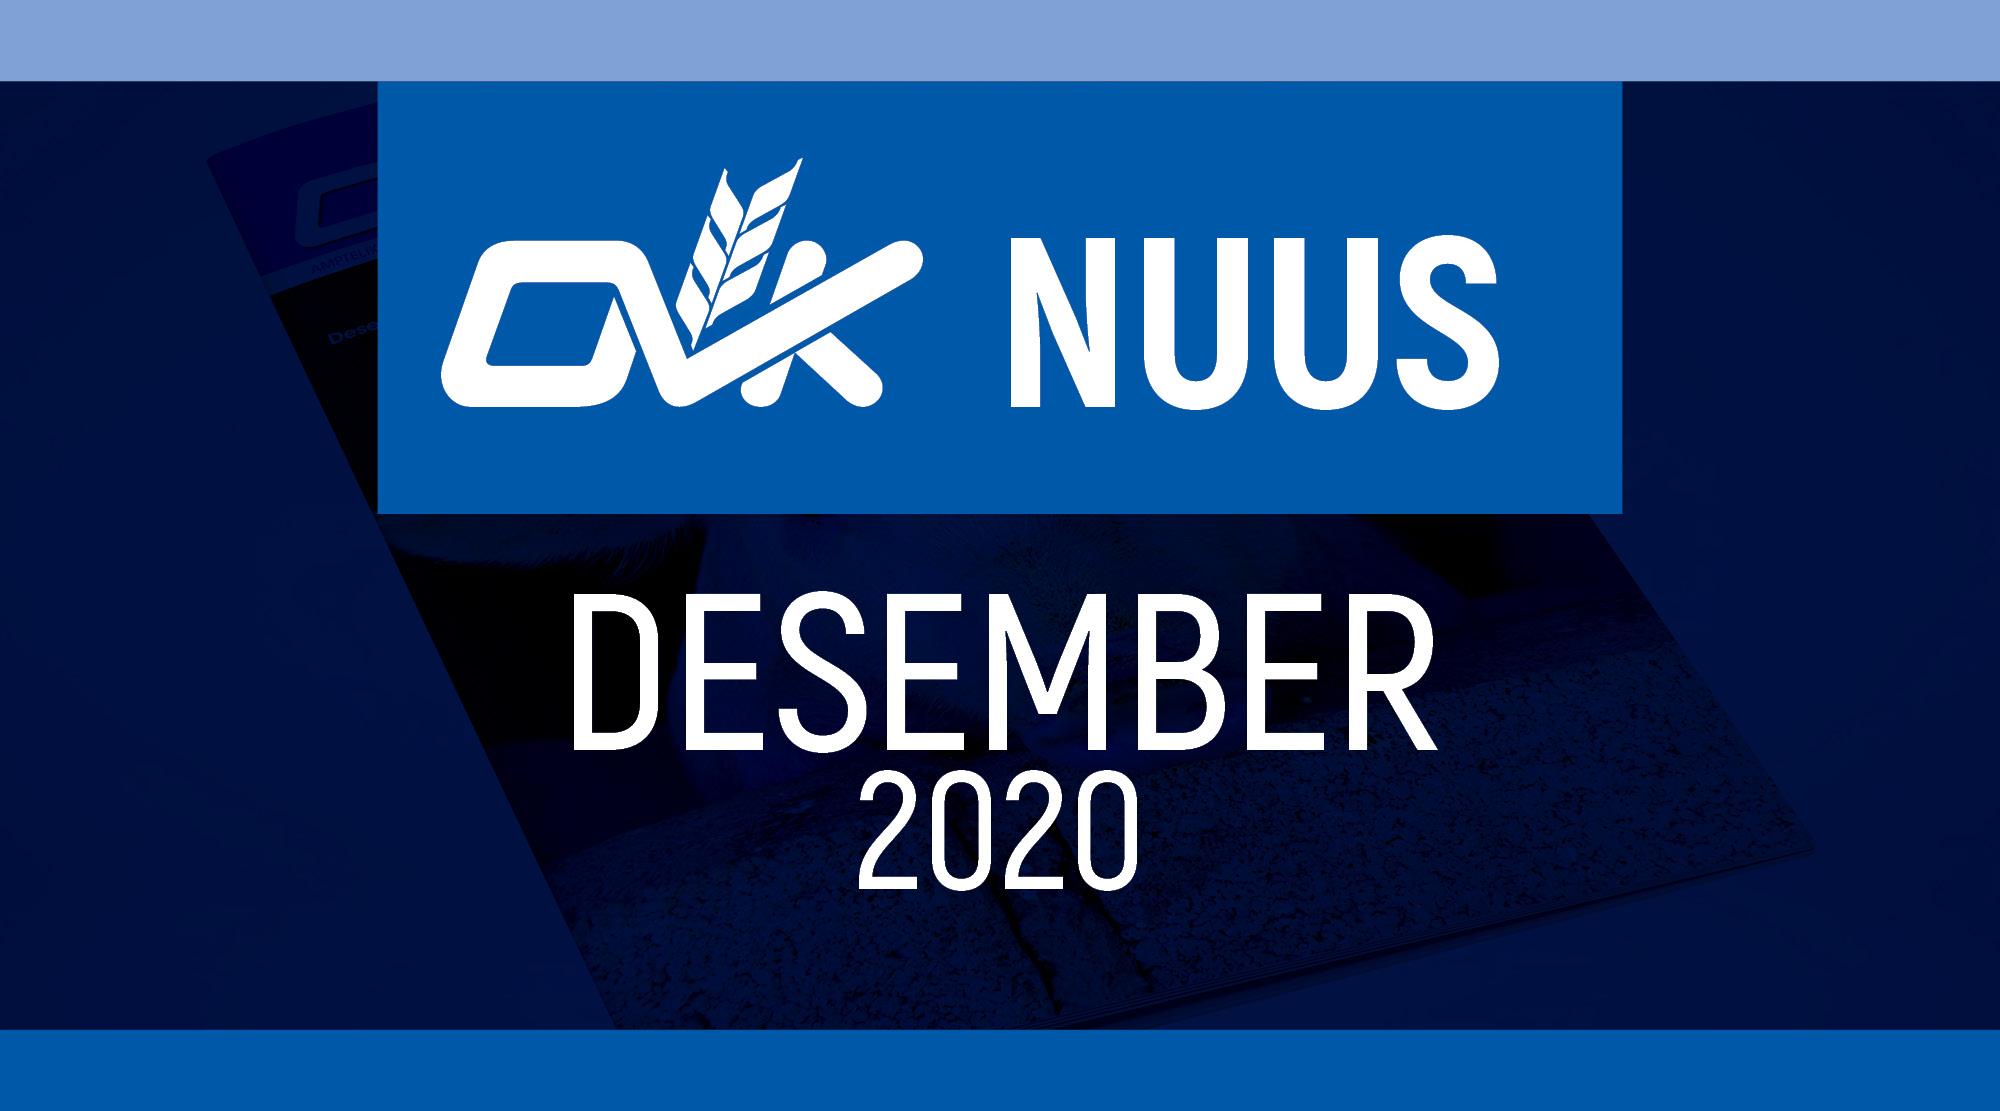 OVK Nuus Desember 2020